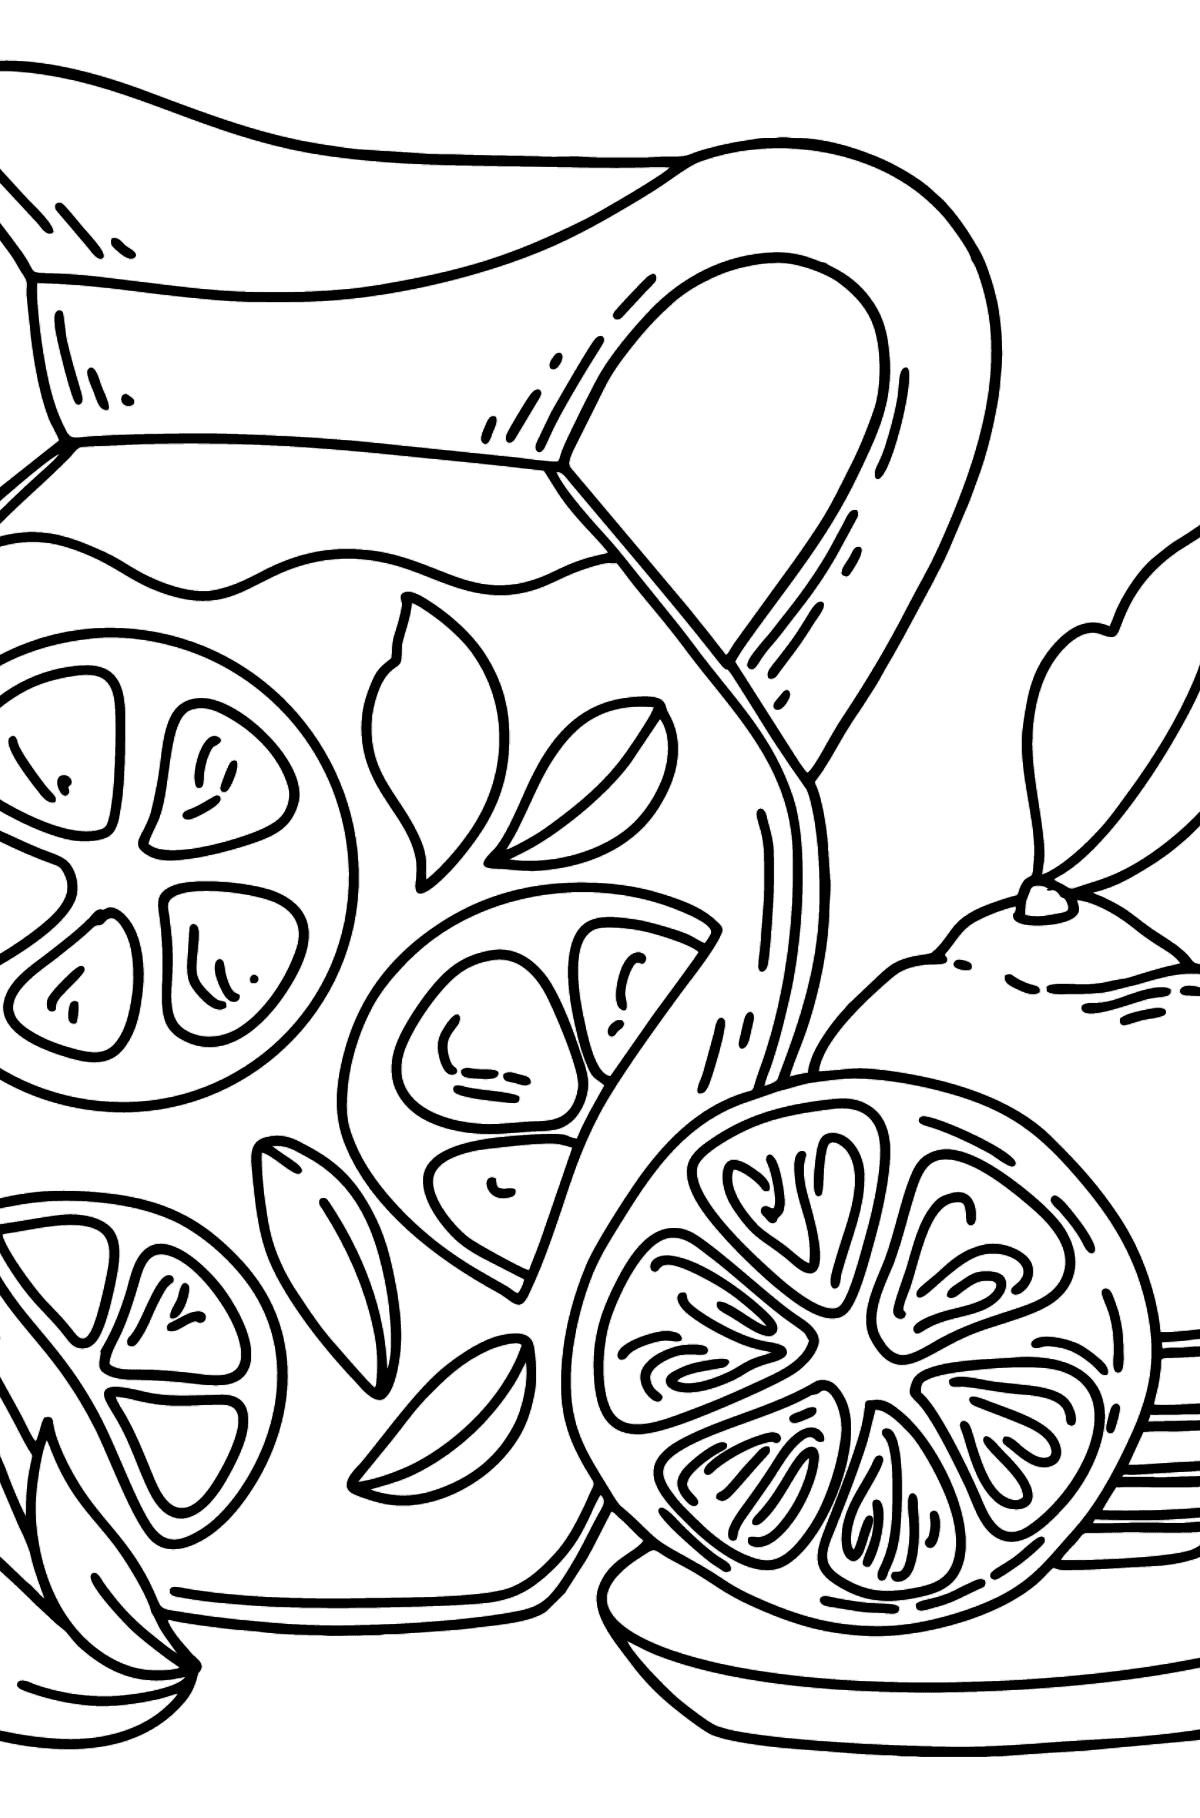 Раскраска Лимонад в кувшине - Картинки для Детей